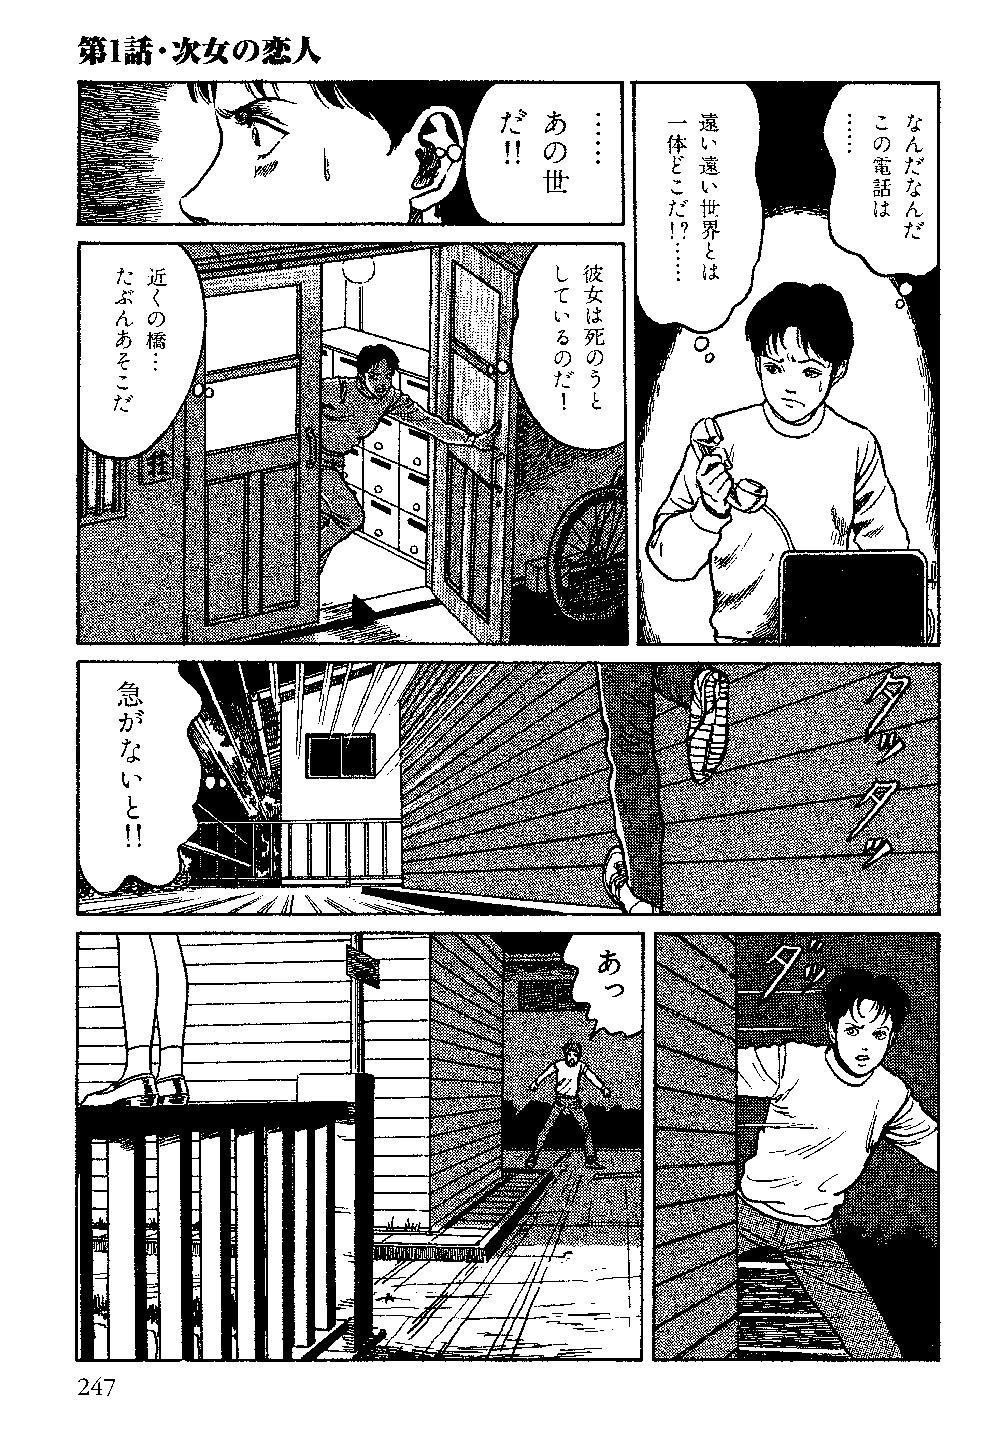 itouj_0004_0249.jpg